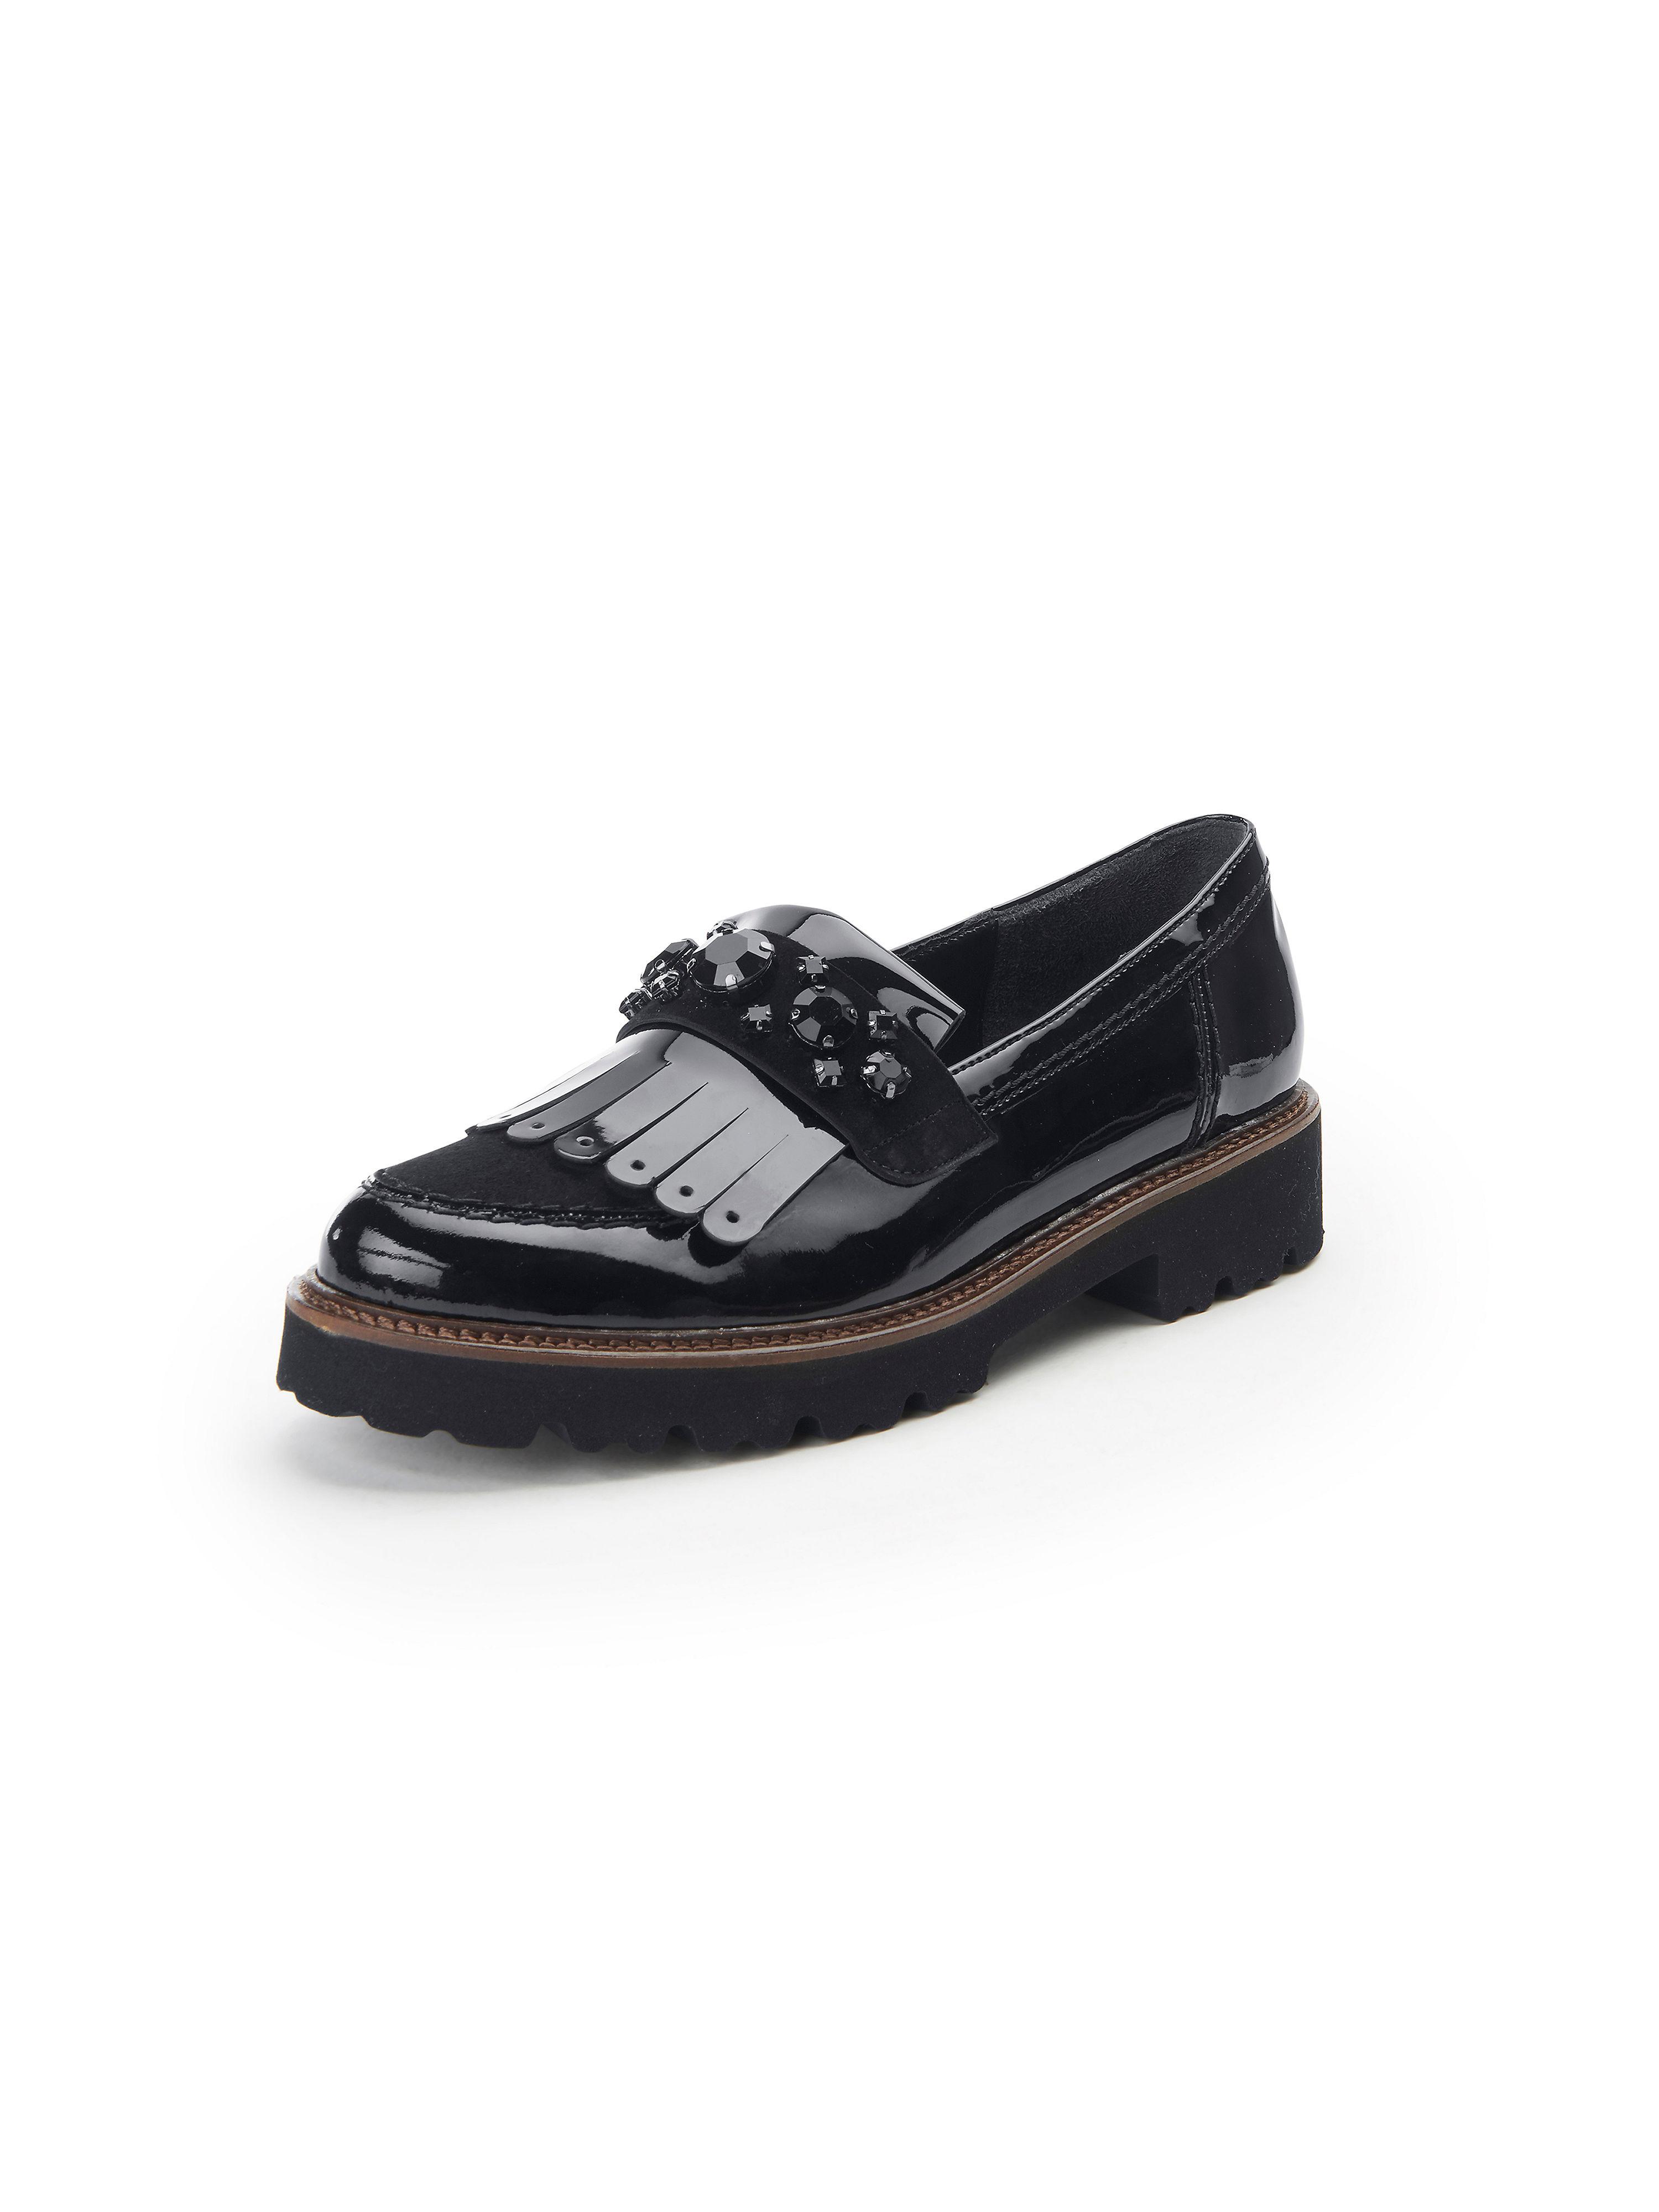 Les mocassins cuir  Gabor noir taille 37